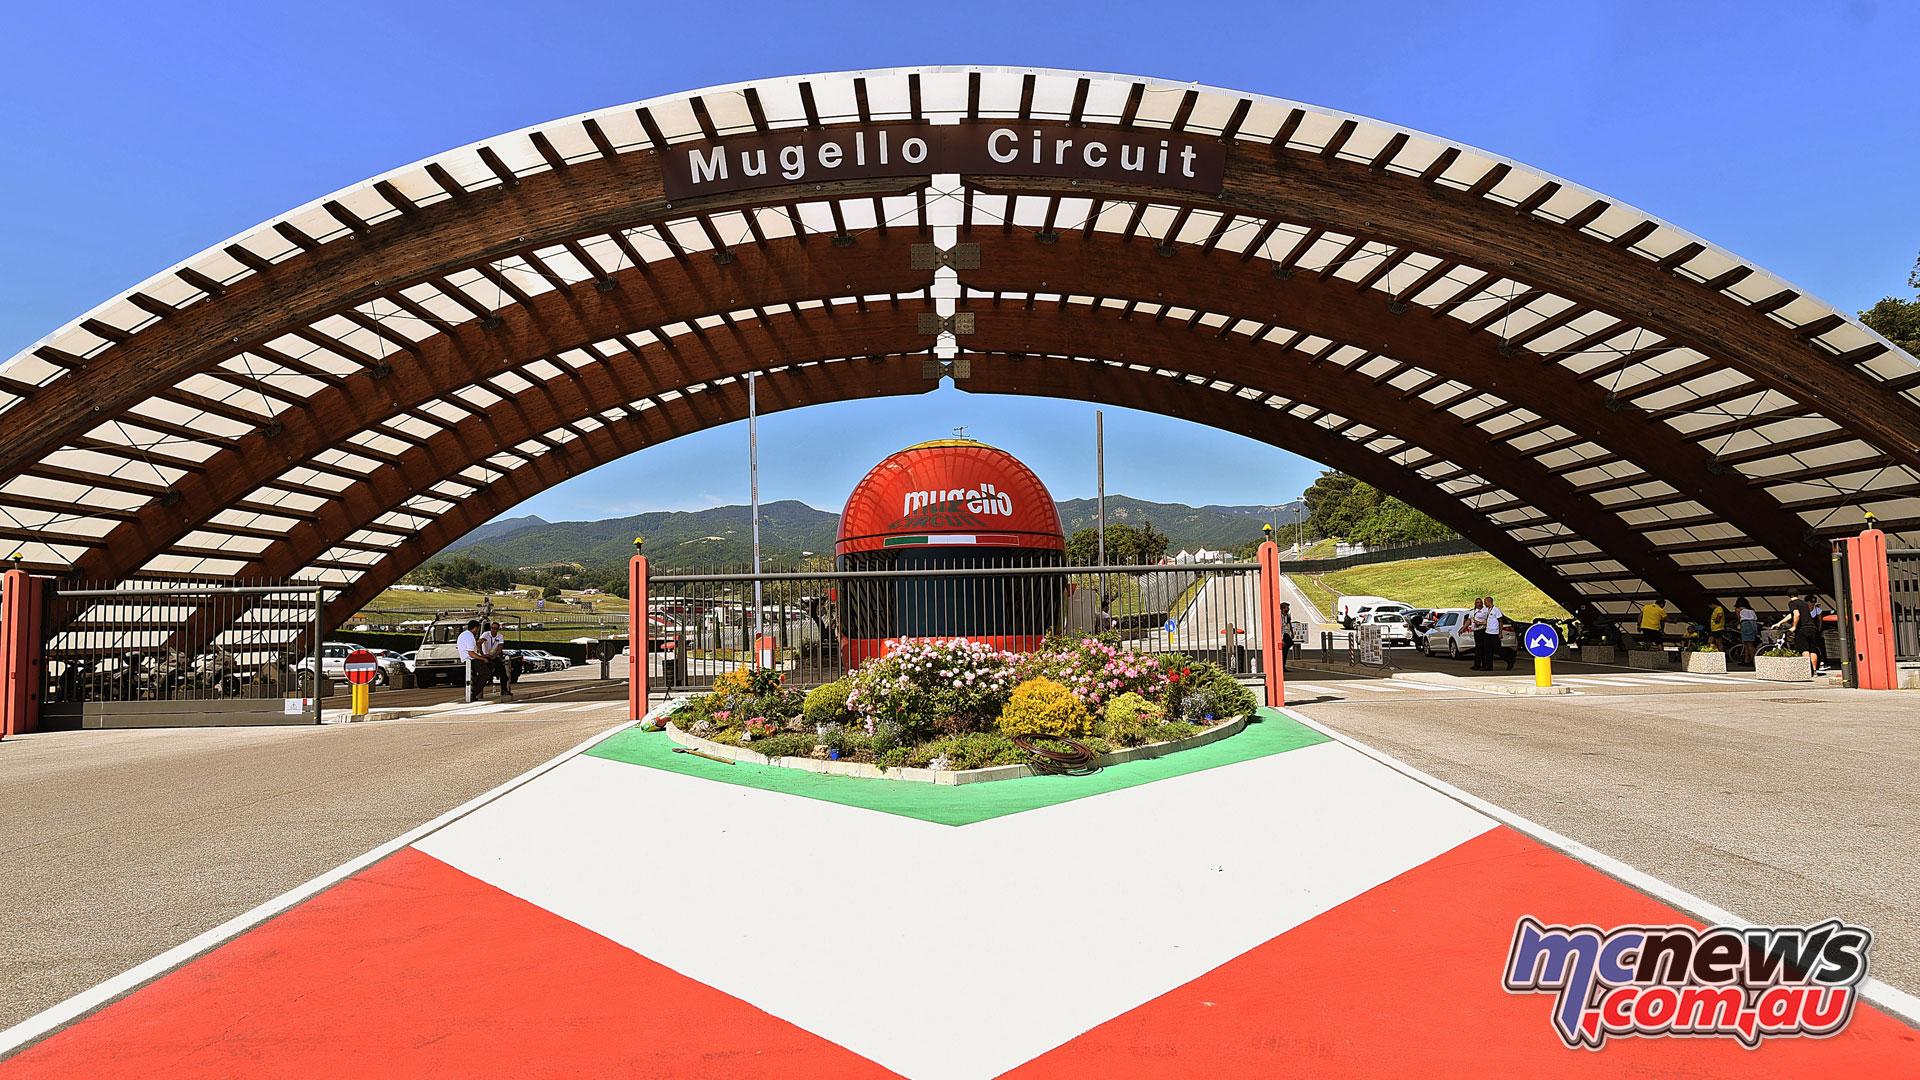 Circuit Italia Motogp : Mugello motogp stats update mcnews